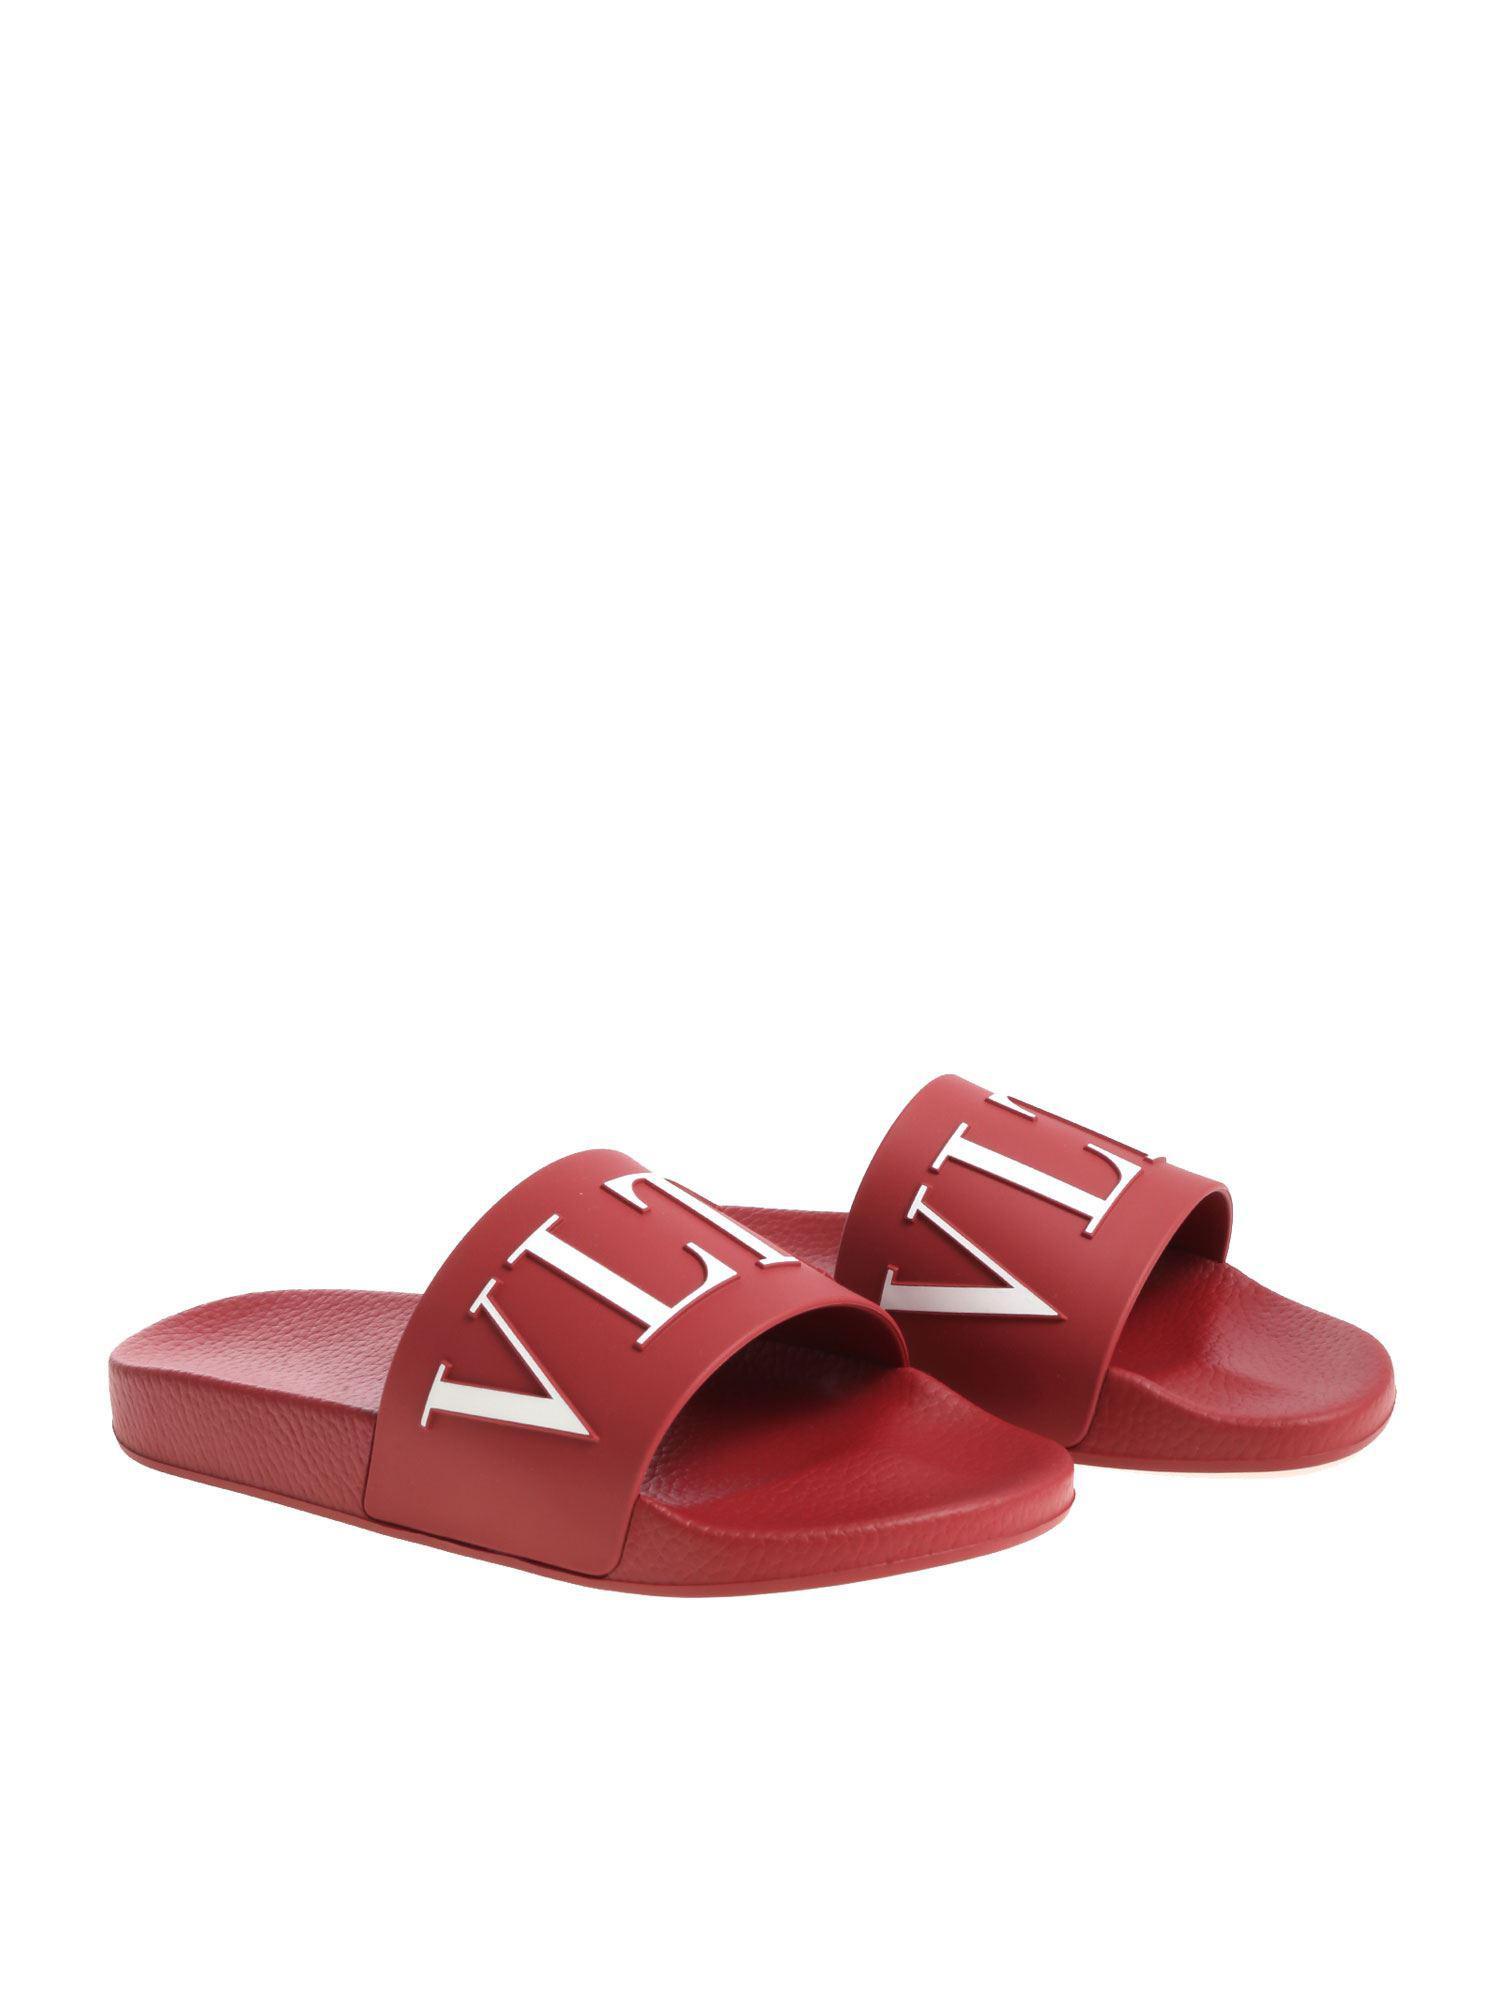 1391aaa2fe495c Lyst - Valentino Garavani Vltn Slides in Red for Men - Save 68%